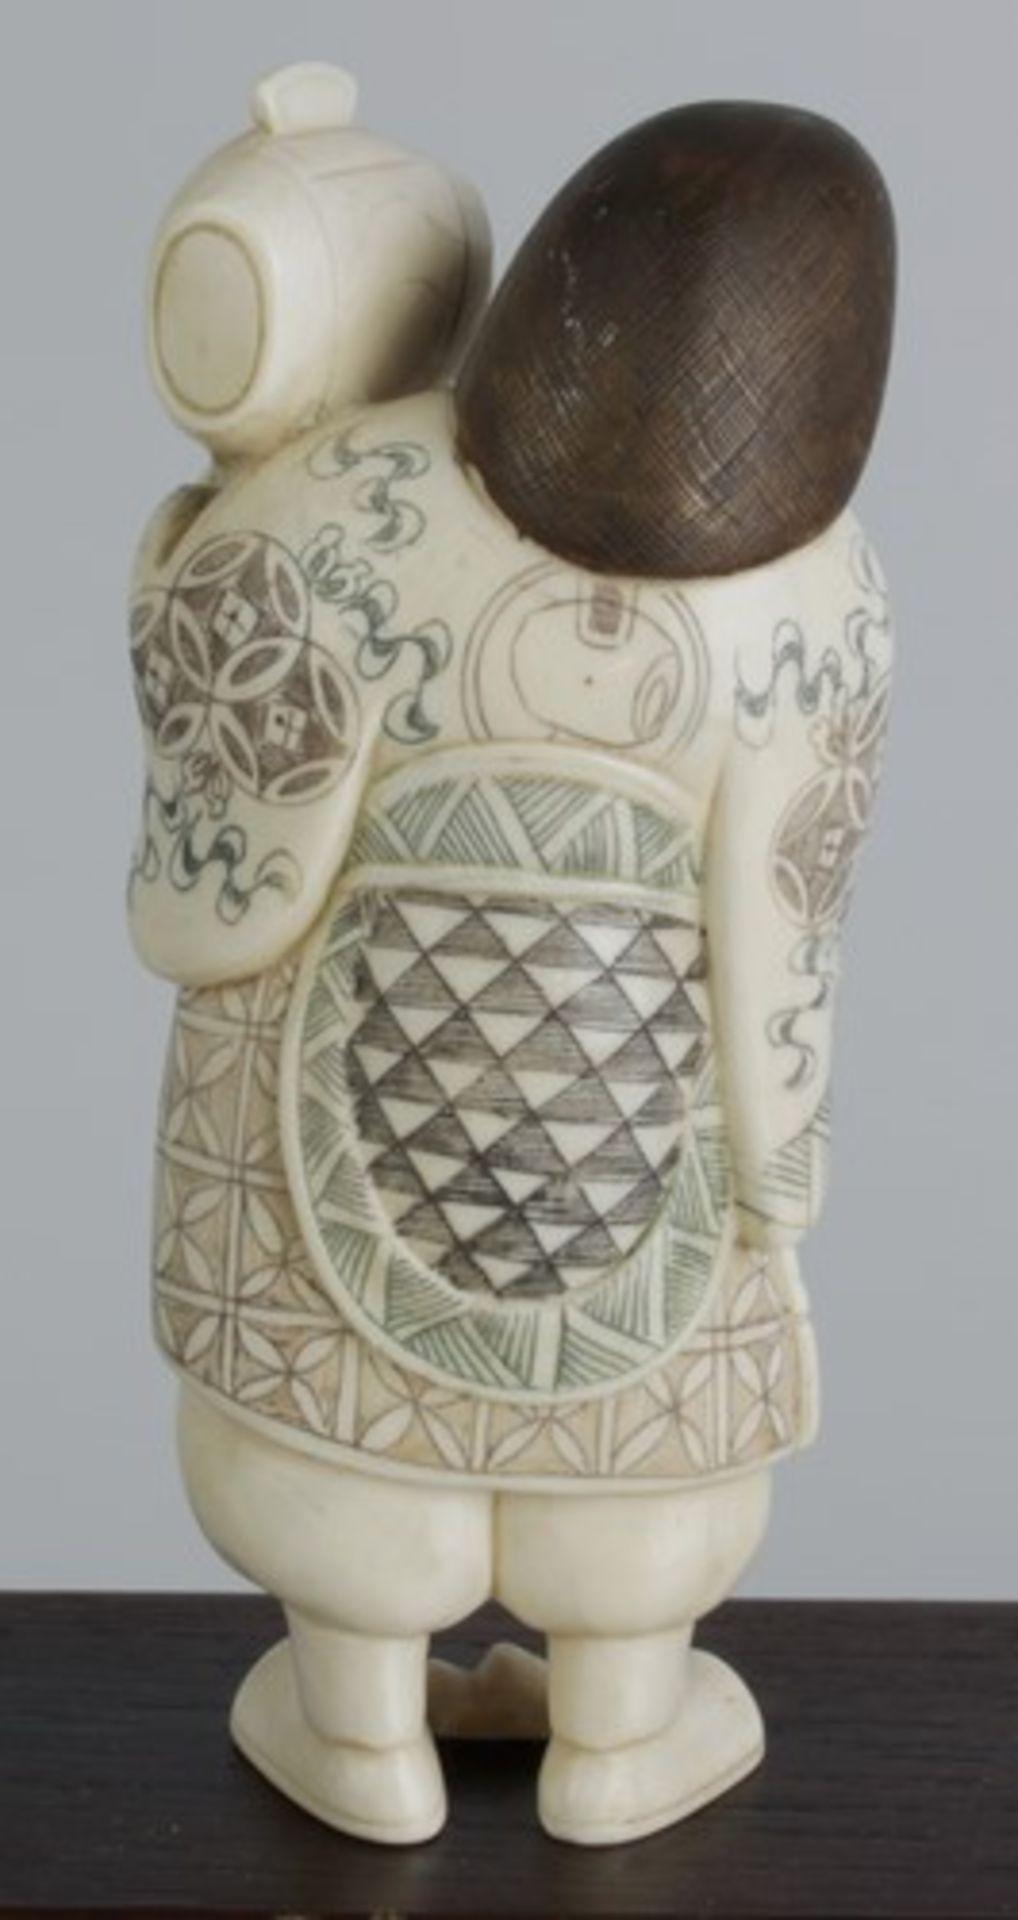 Figurengruppe - Chinaum 1920, 7x vollplastische Elfenbein-Schnitzereien, partiell geschwärzt, - Bild 24 aus 24